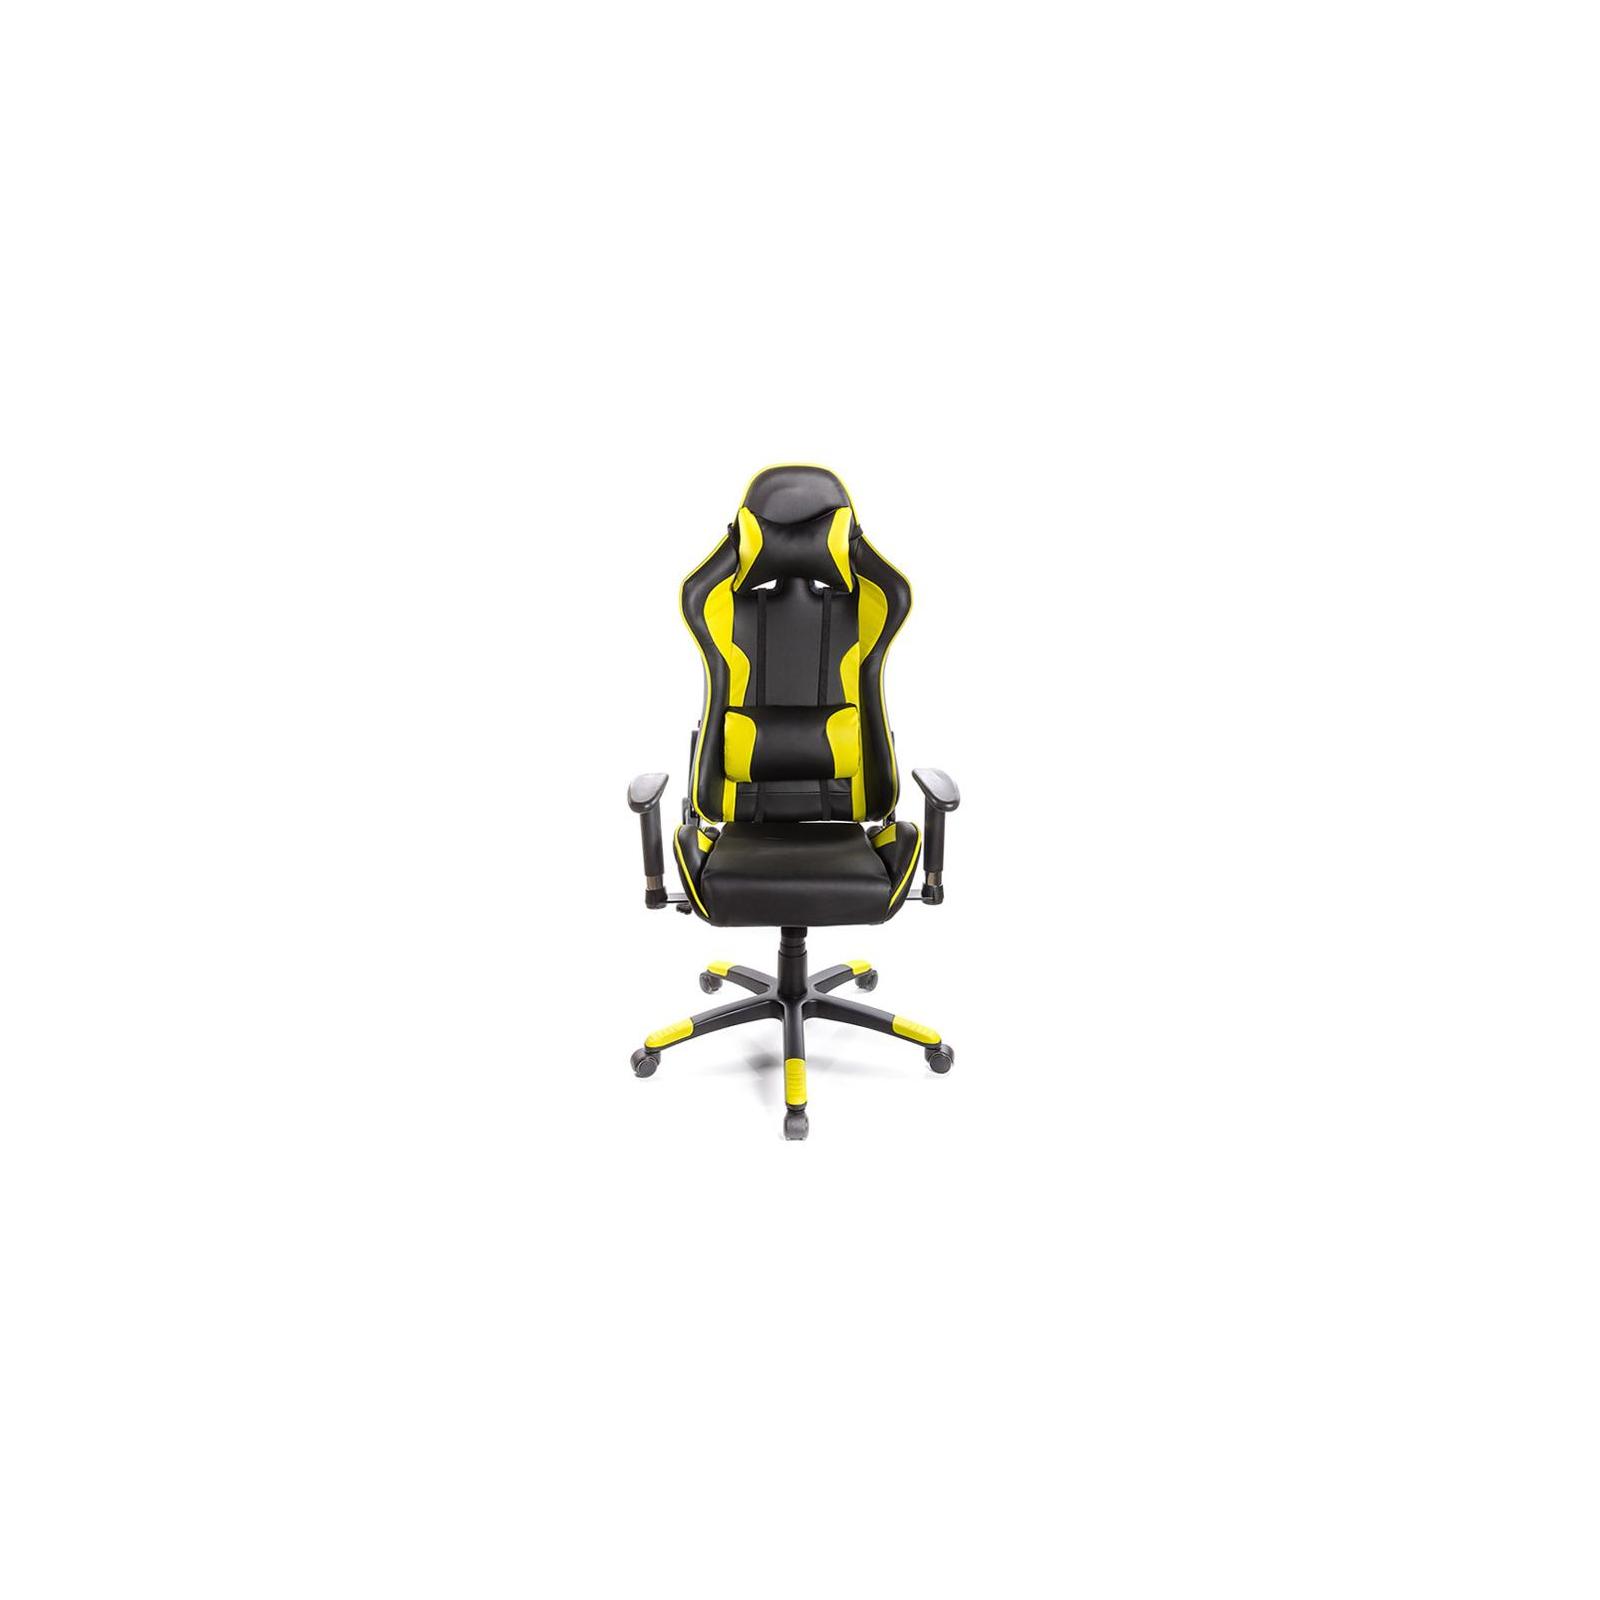 Кресло игровое АКЛАС Хорнет PL RL Желтое (06153) изображение 2